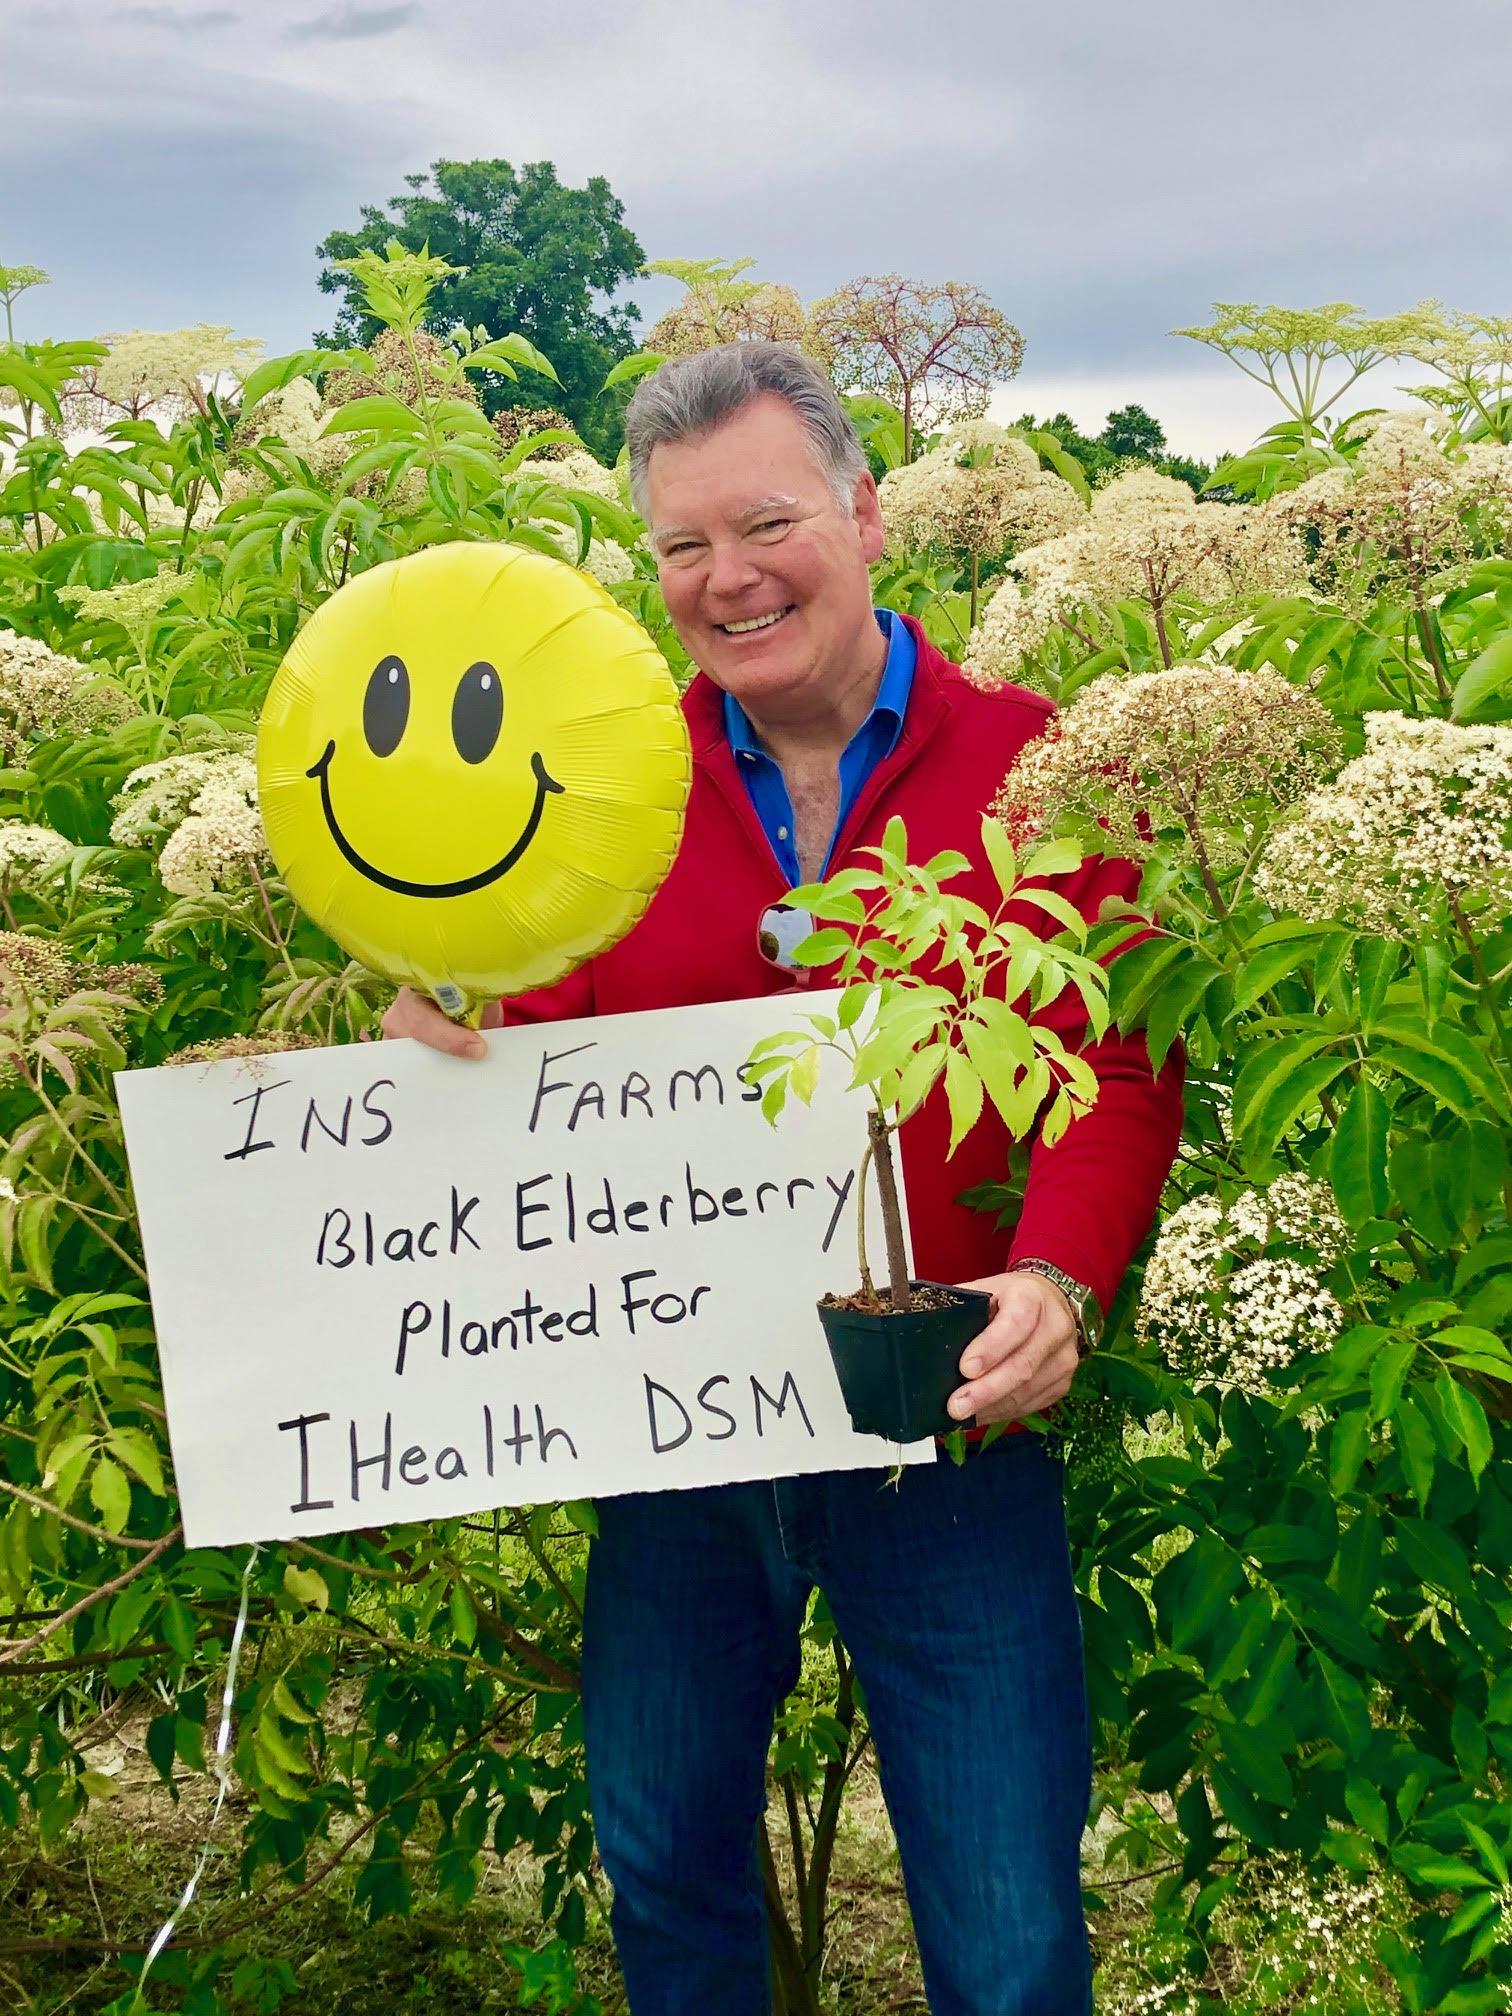 Plant-Elderberry-IHealth-DSM.jpg